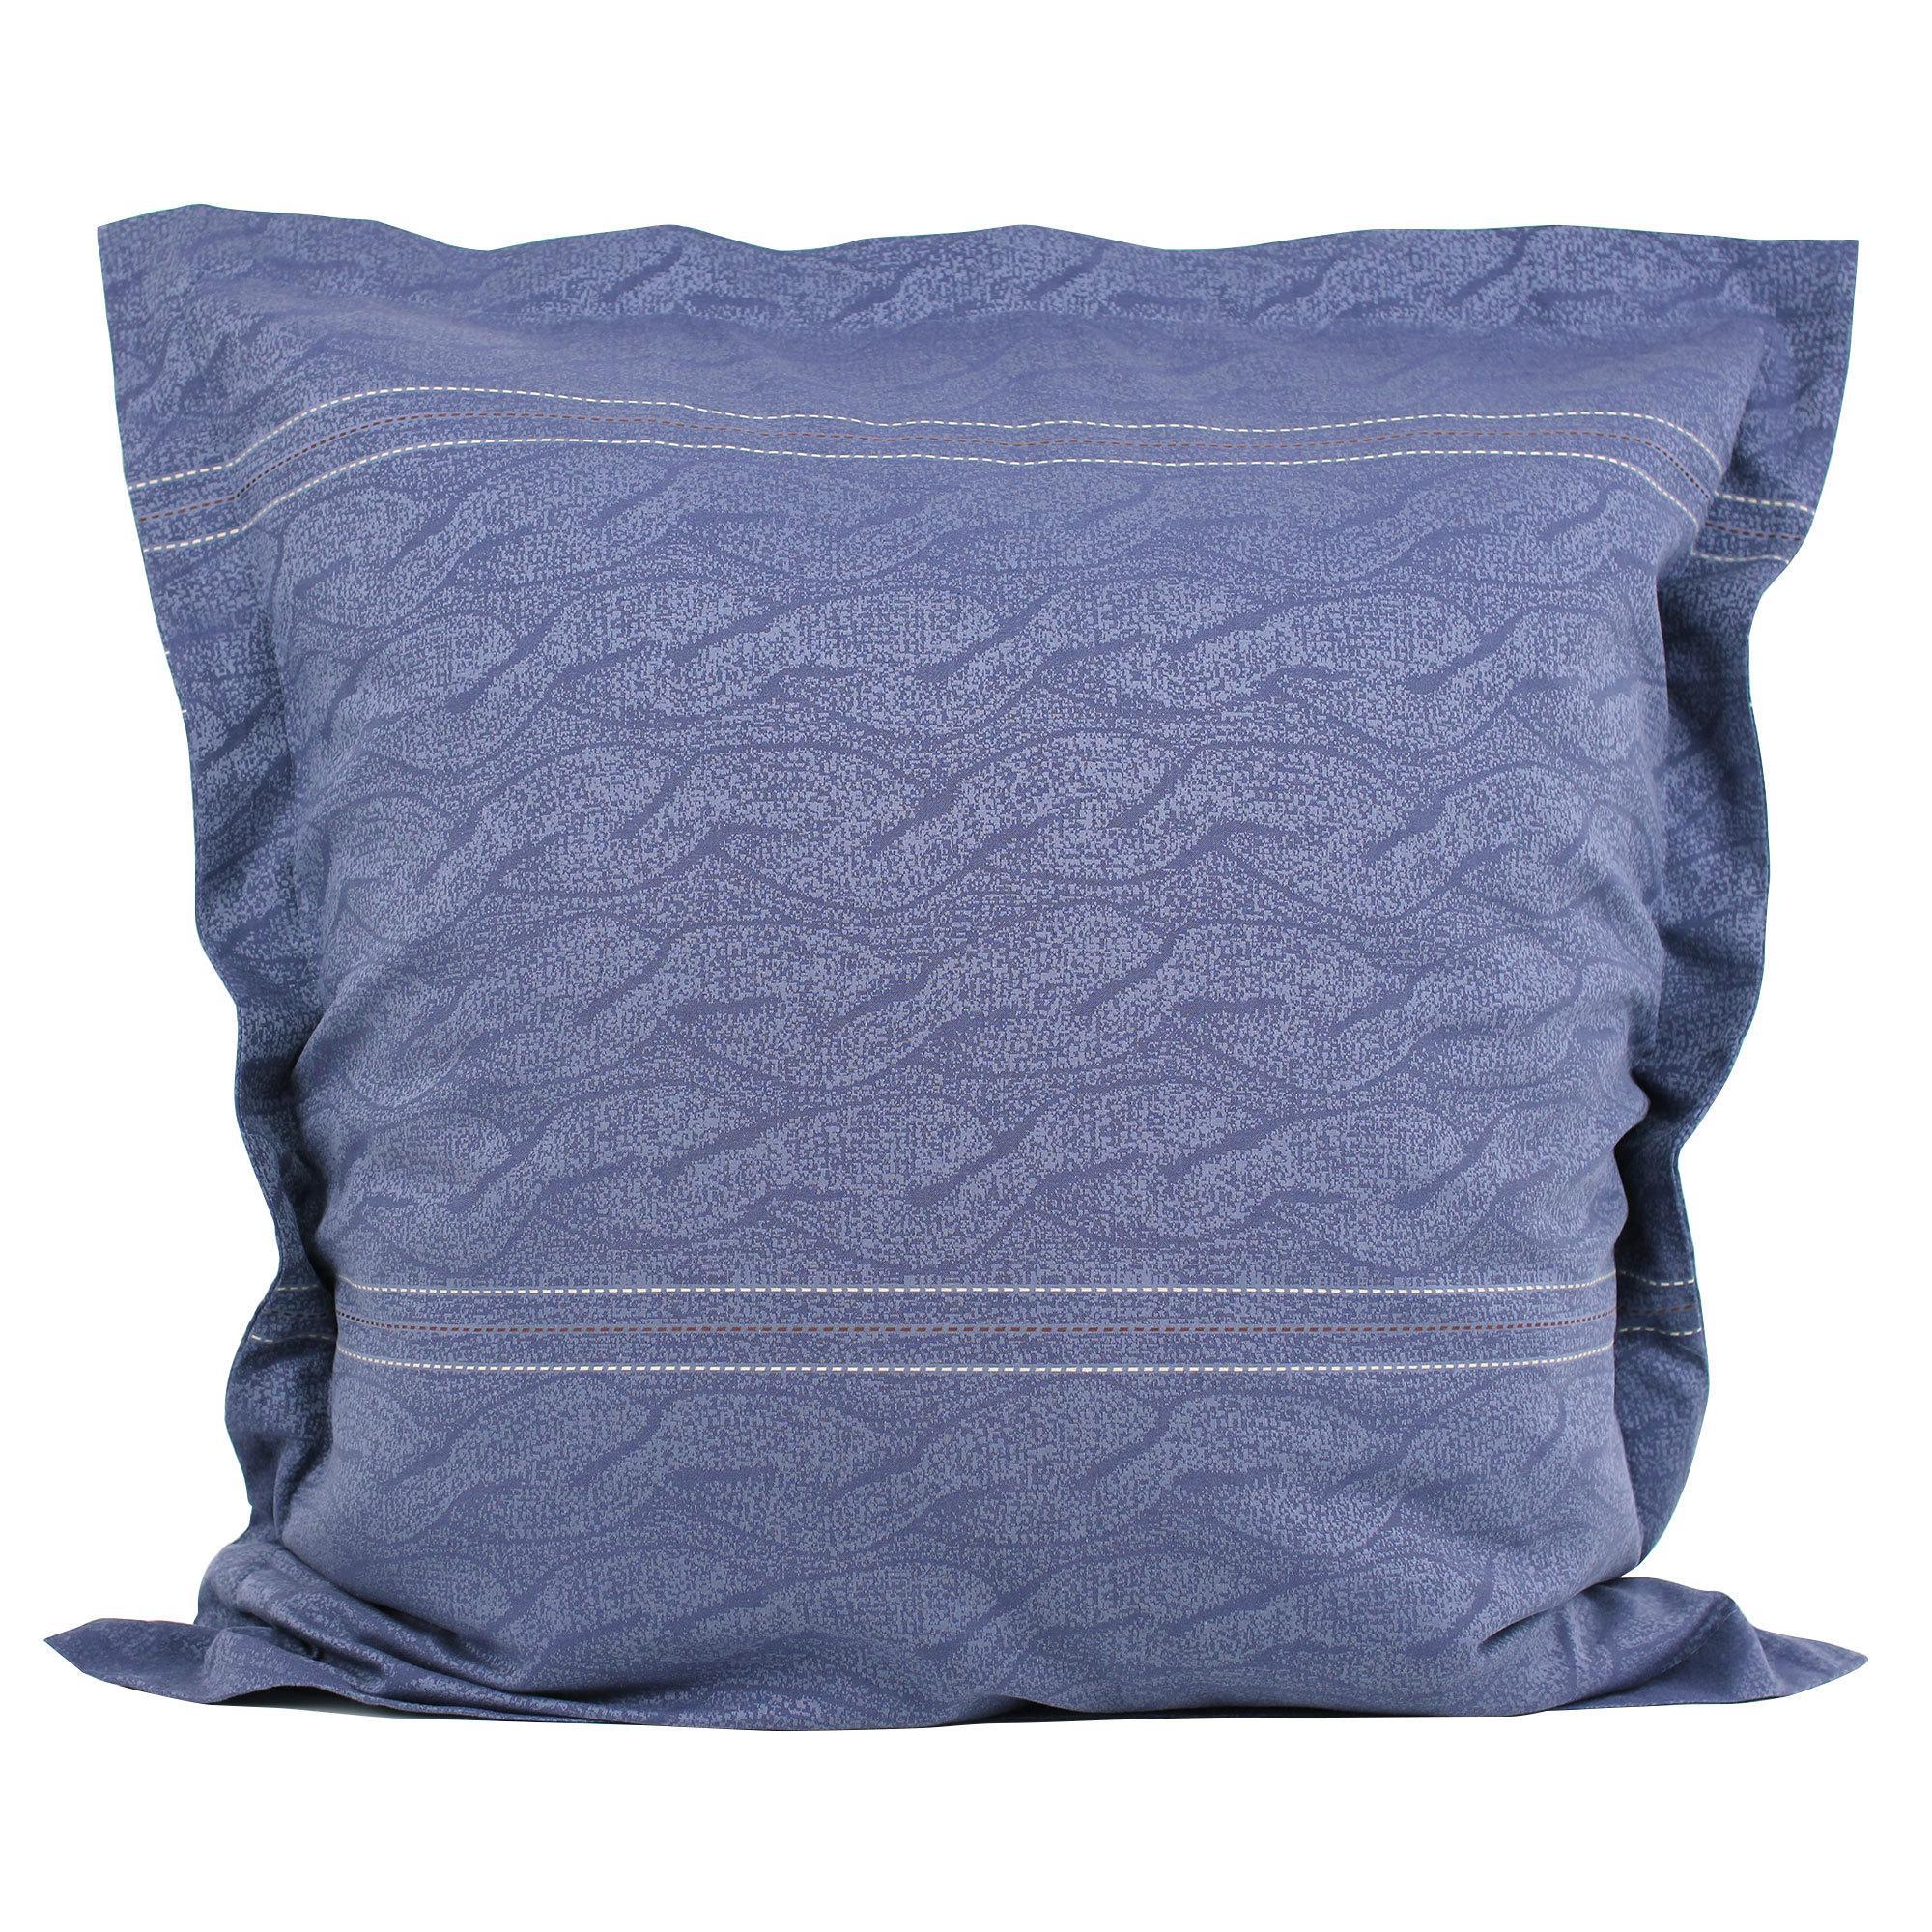 Parure de lit 260x240 satin de coton vendome bleu fonc ebay for Parure de lit 240x260 coton